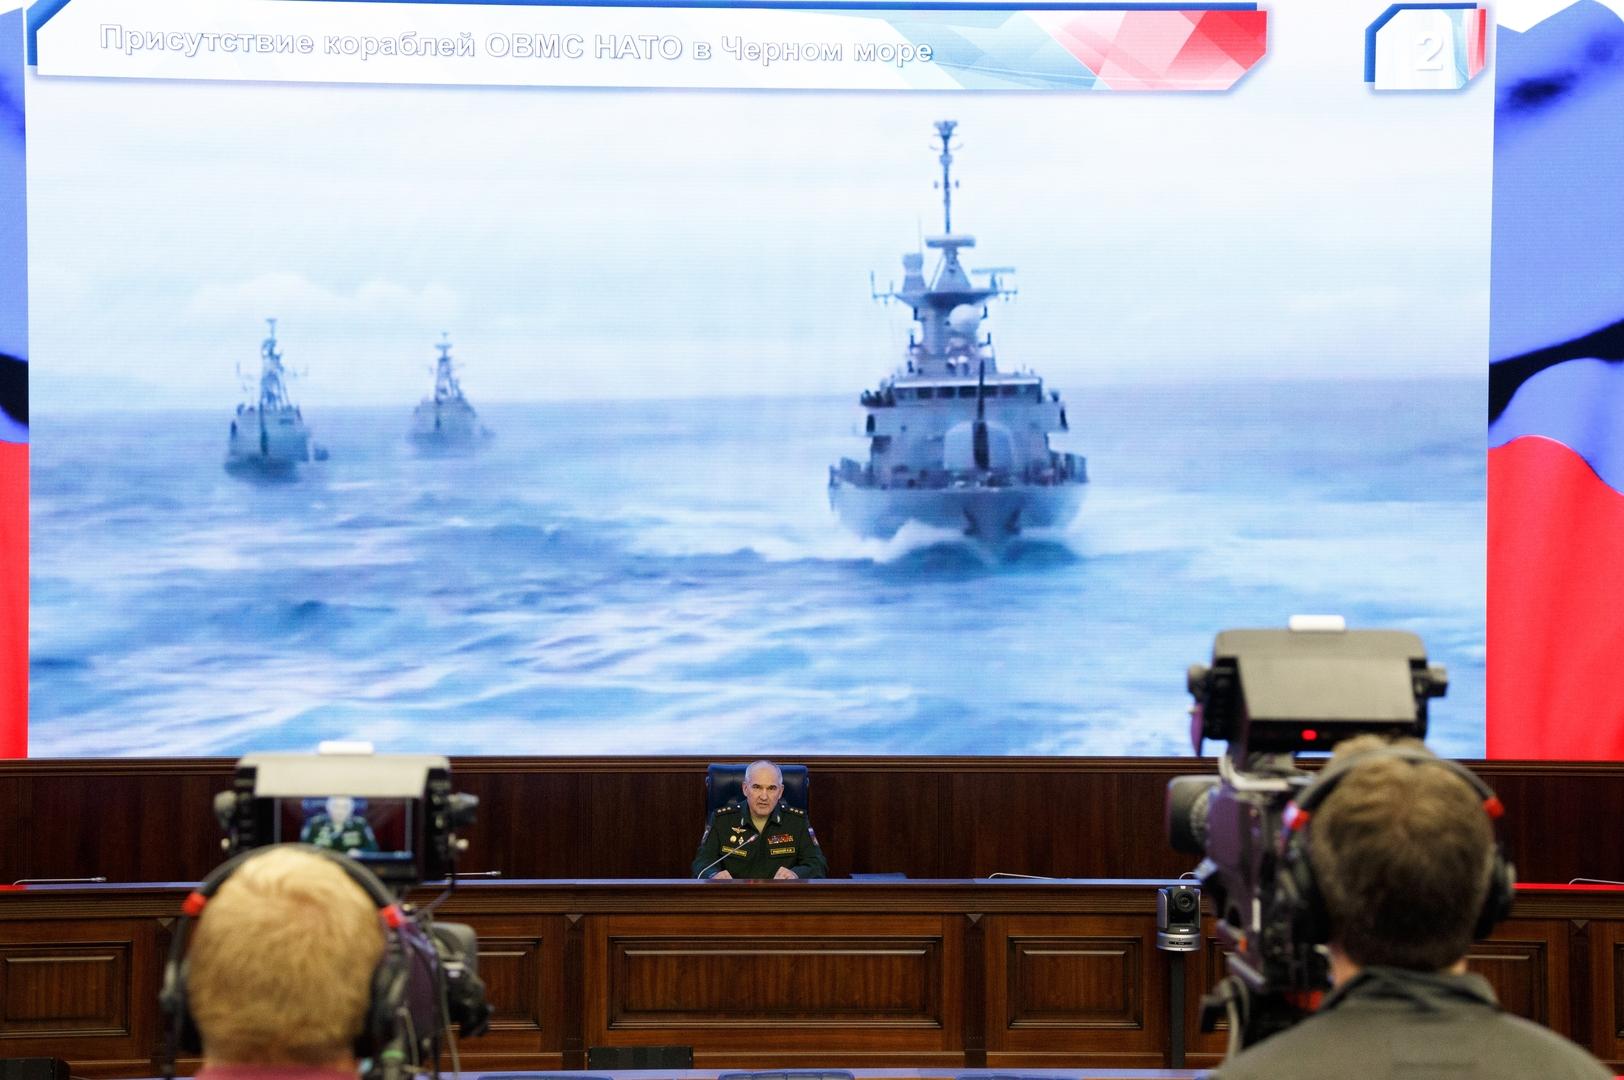 روسيا تحذر من تكثيف الناتو أنشطته في البحر الأسود